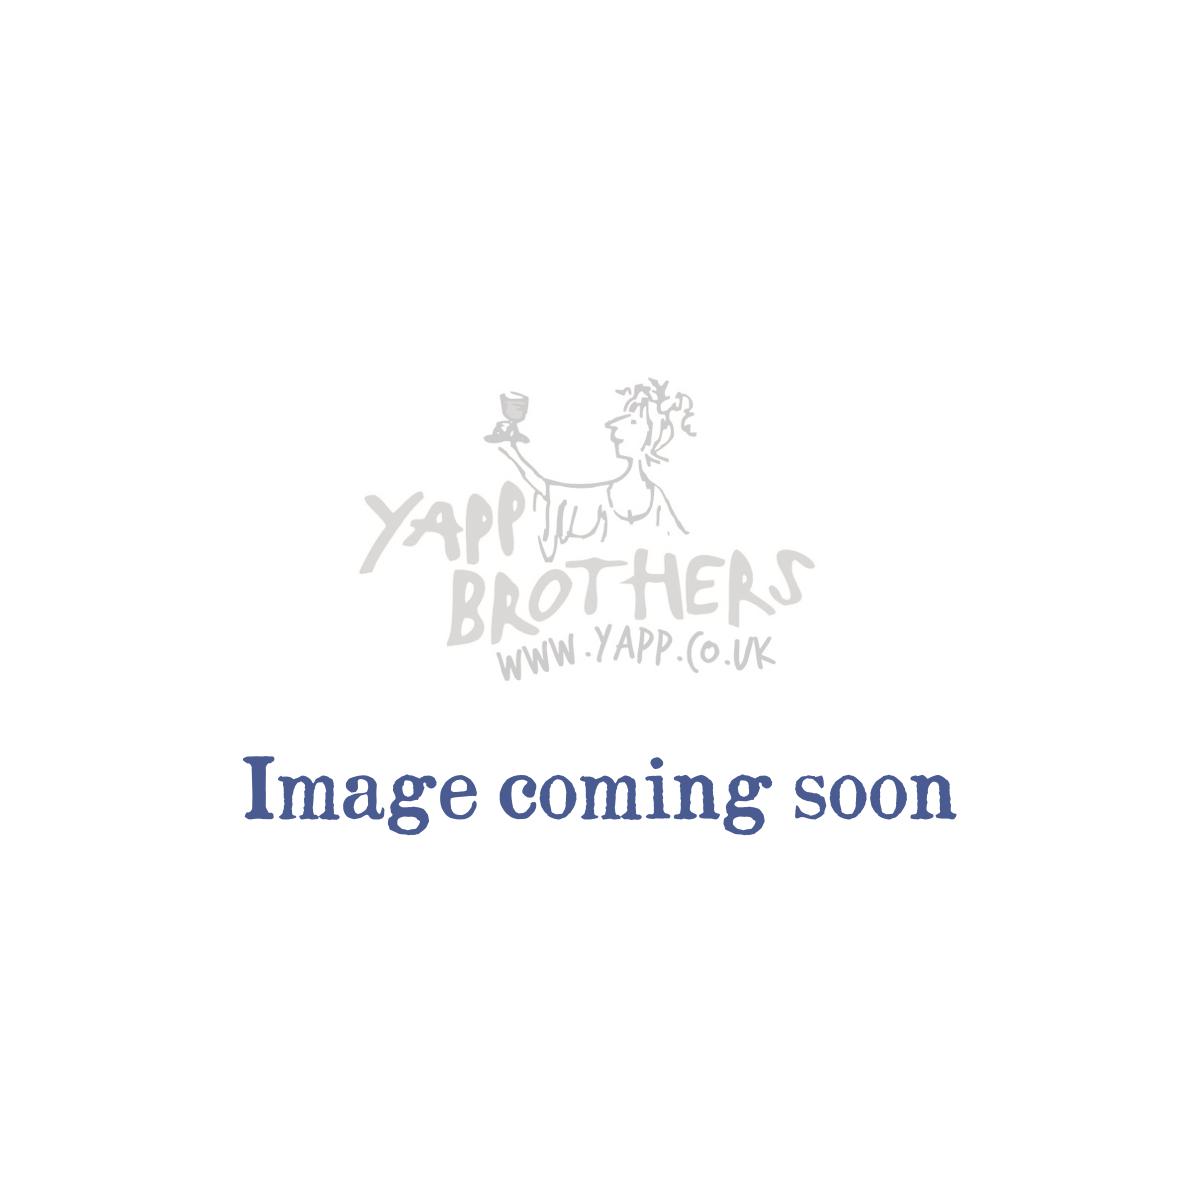 Côte Rôtie: Domaine Champet 'La Viallière' 2018 - Bottle Side Label